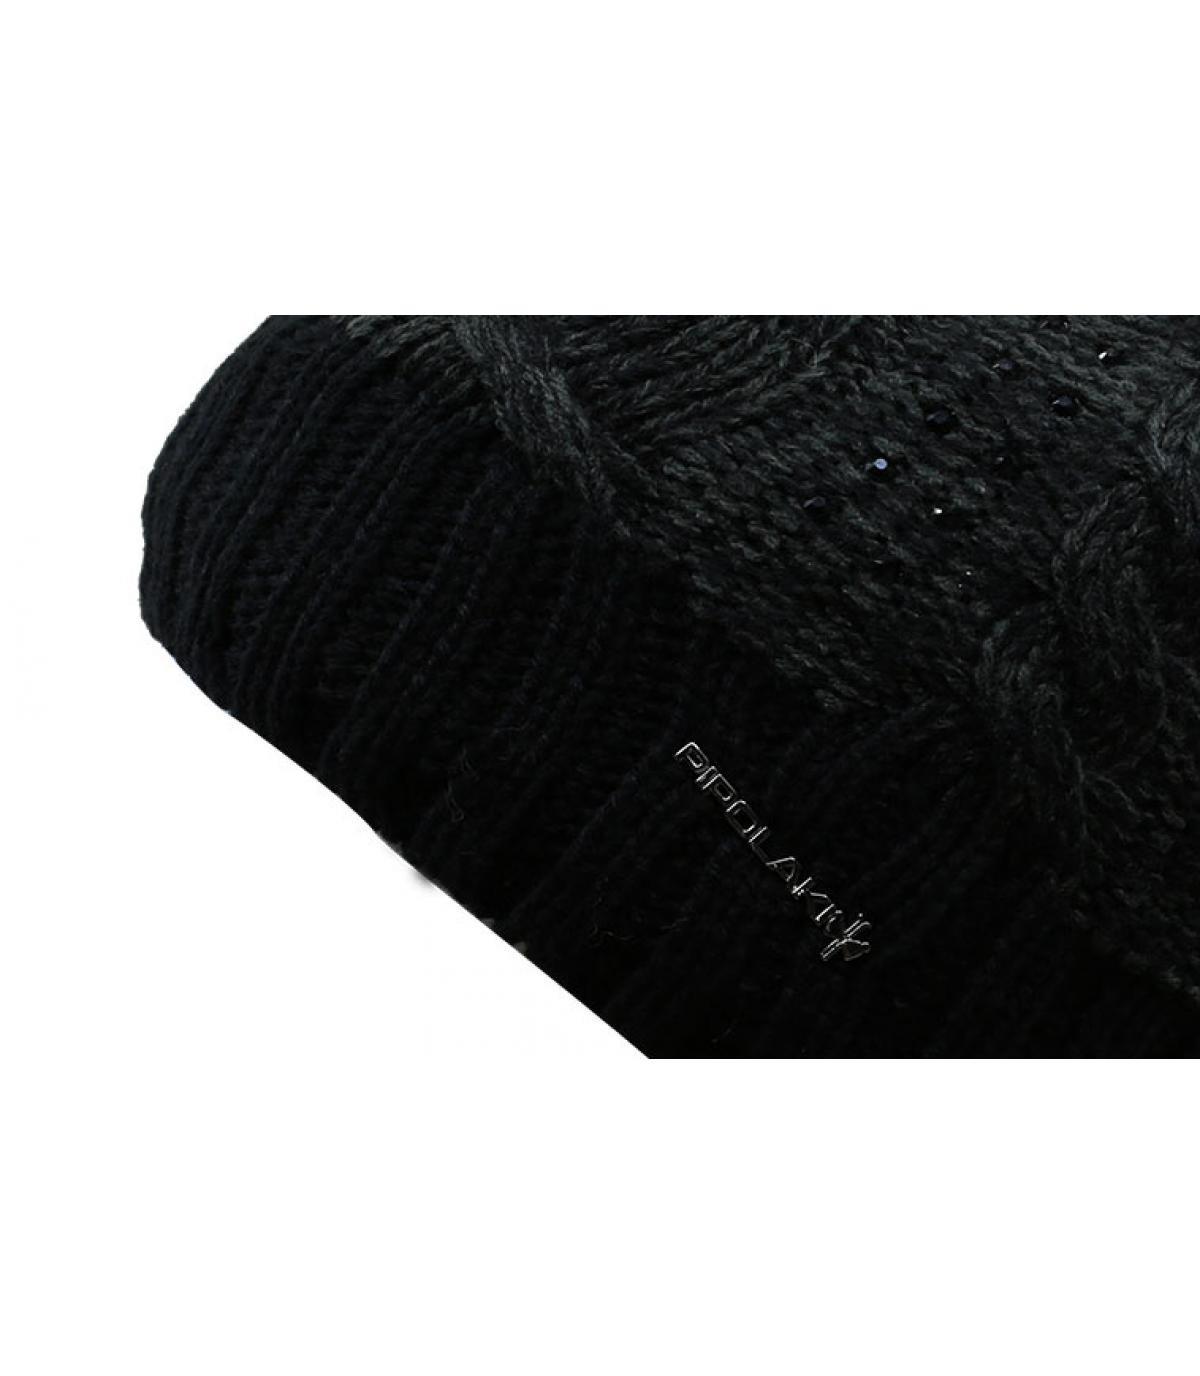 Details Inari schwarz - Abbildung 2